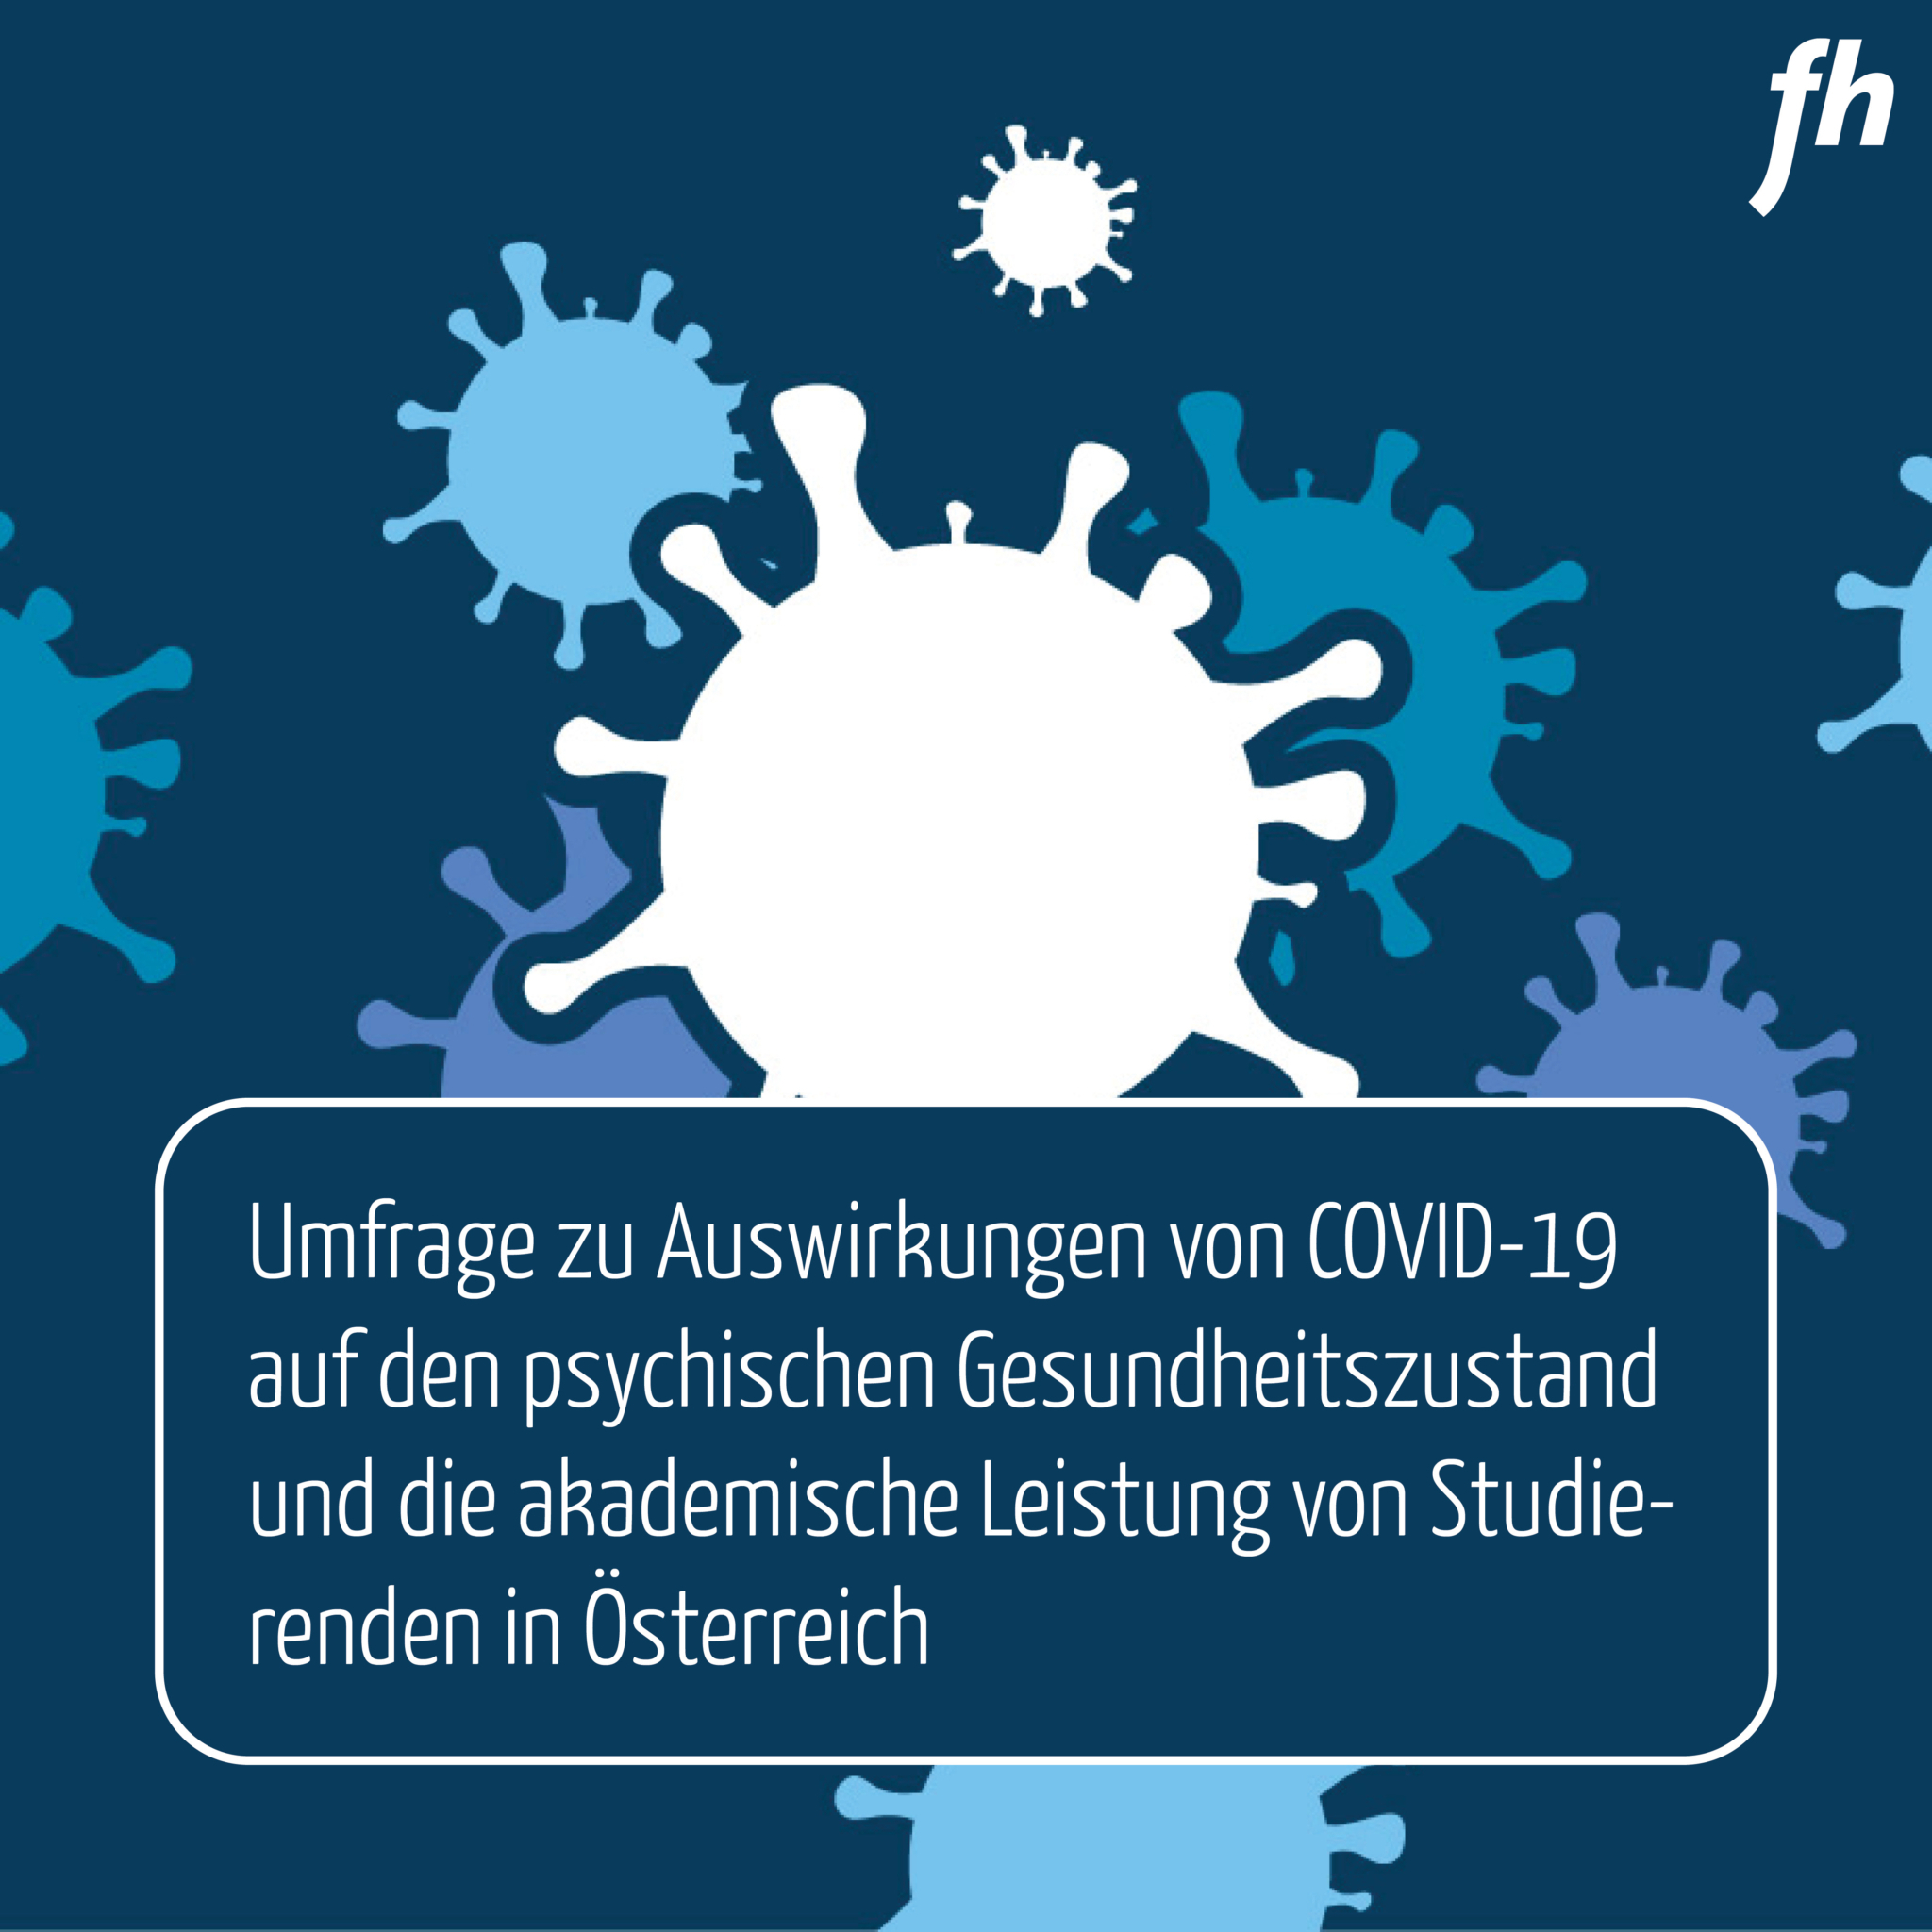 Umfrage zu Auswirkungen von Covid-19 auf den psychischen Gesundheitszustand und die akademische Leistung von Studierenden in Österreich aus.jpg